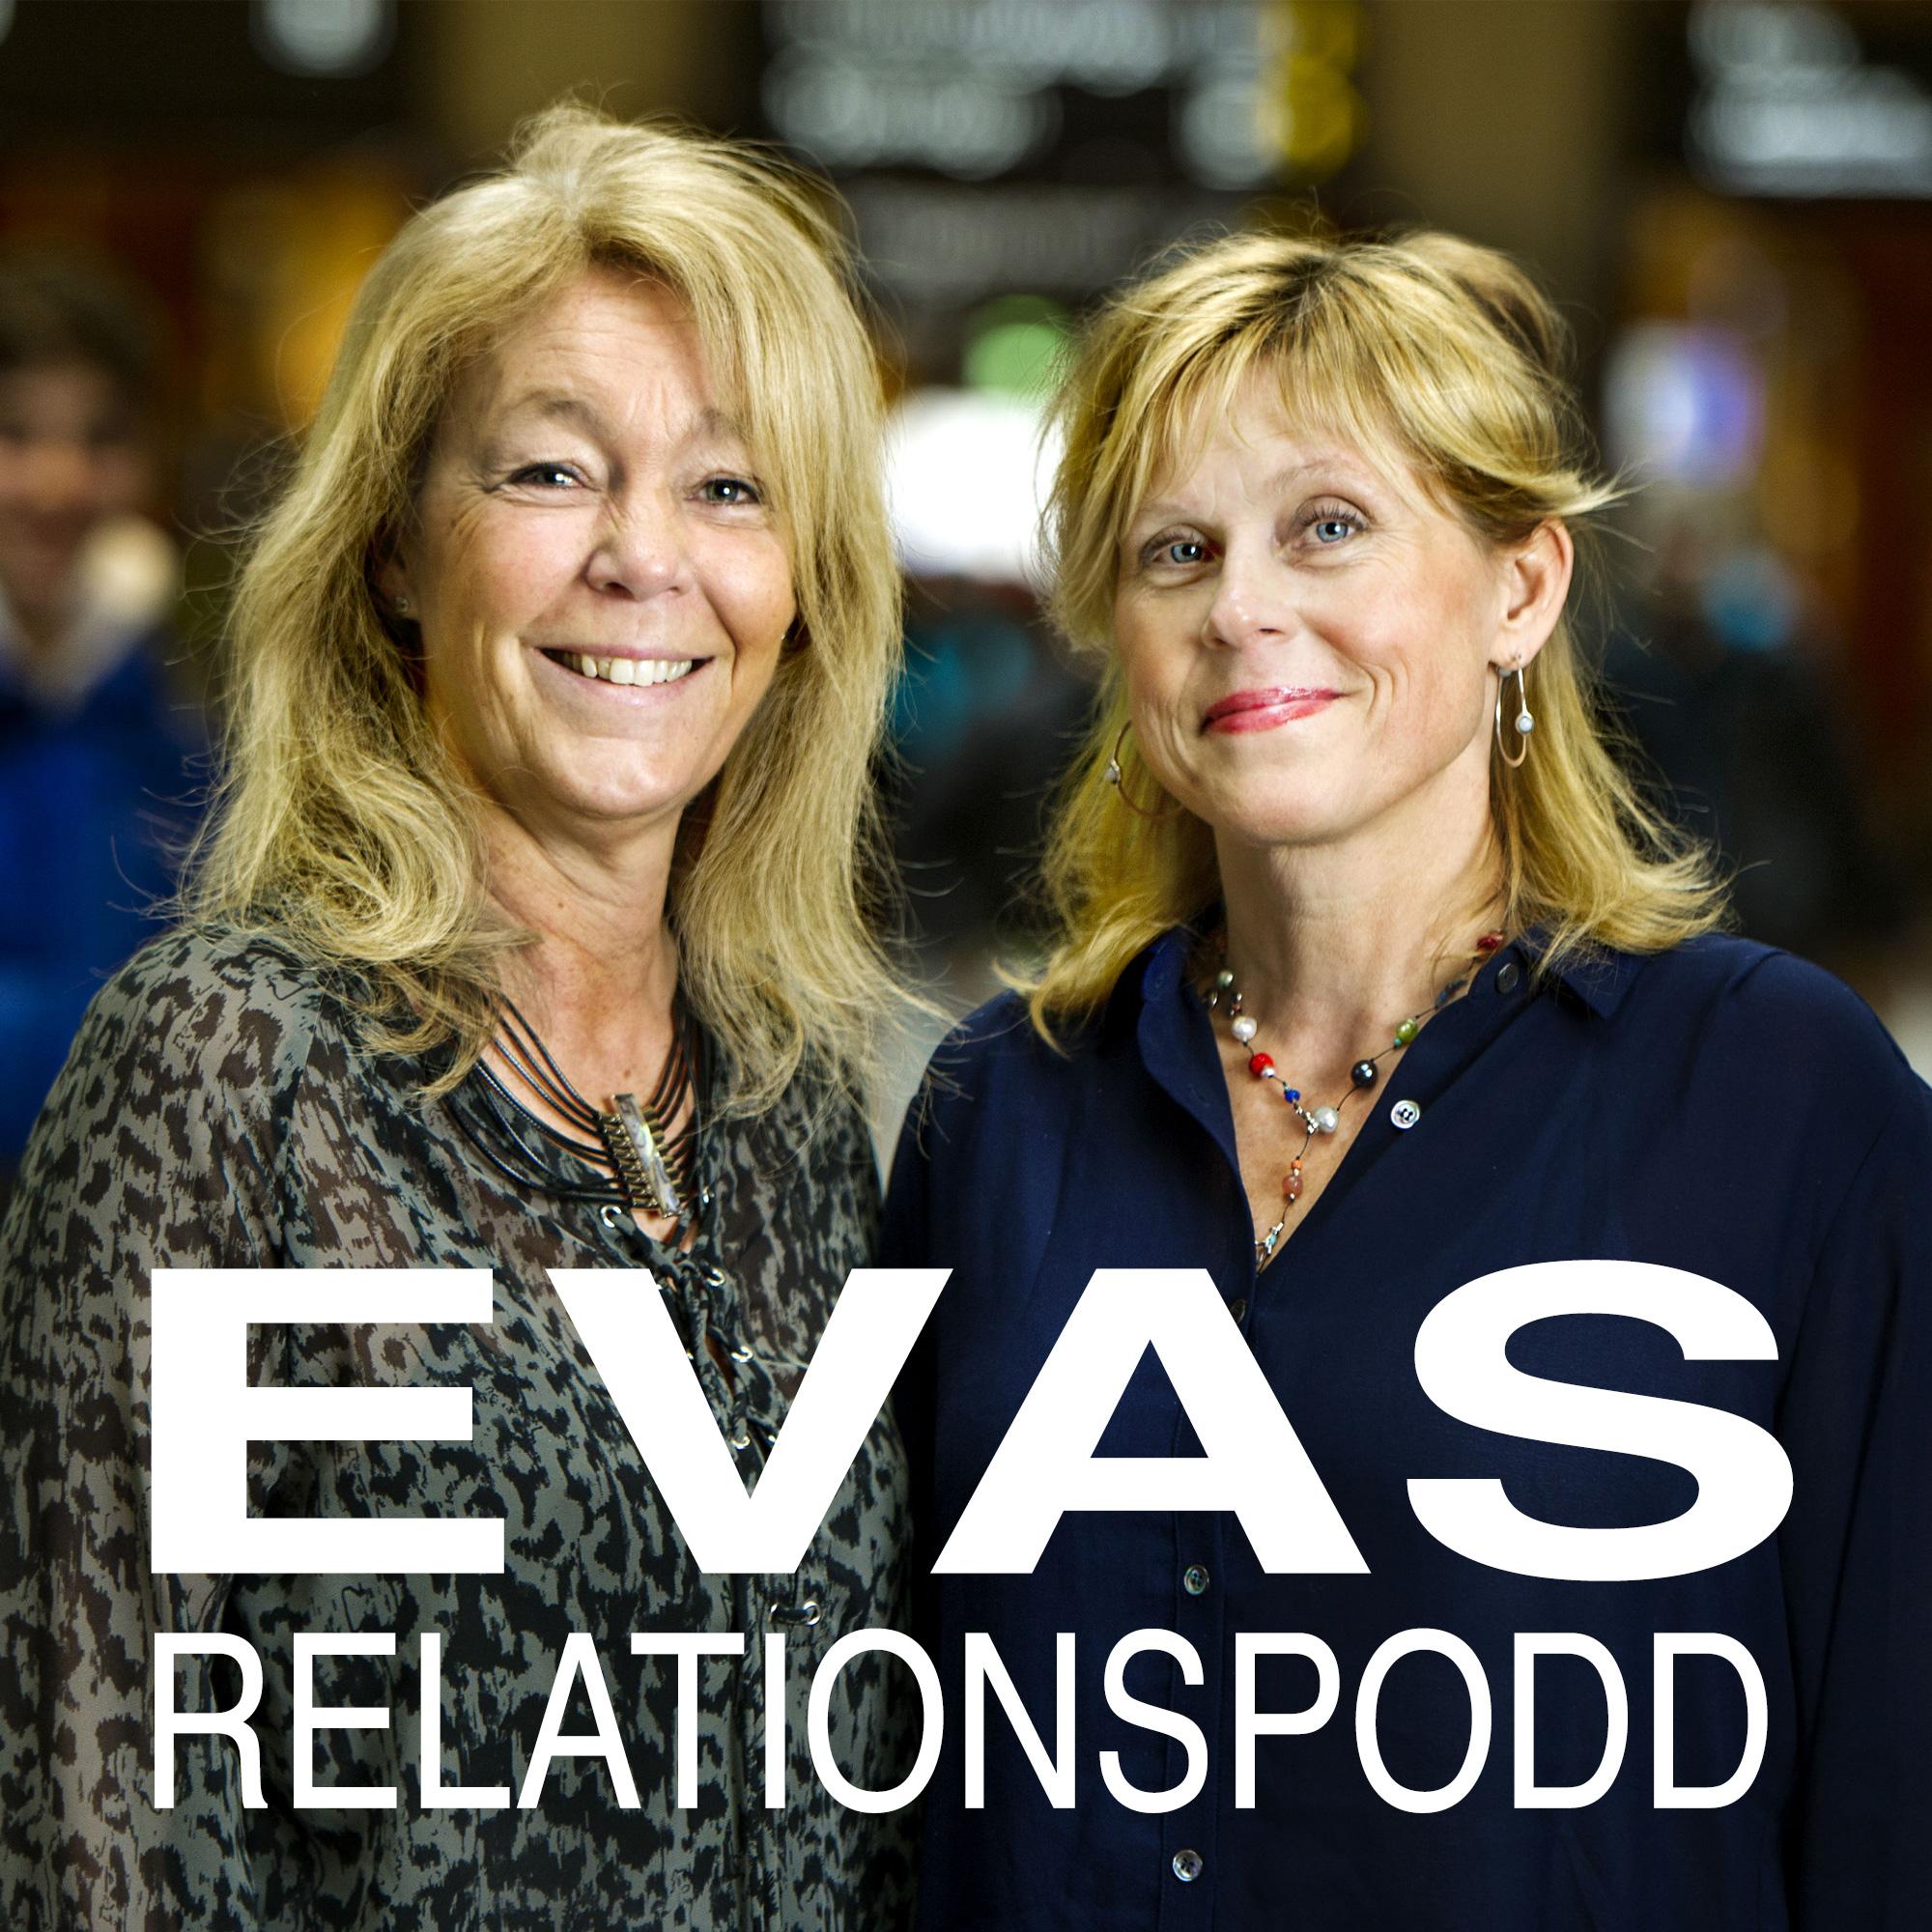 #1 Introduktion till Evas Relationspodd